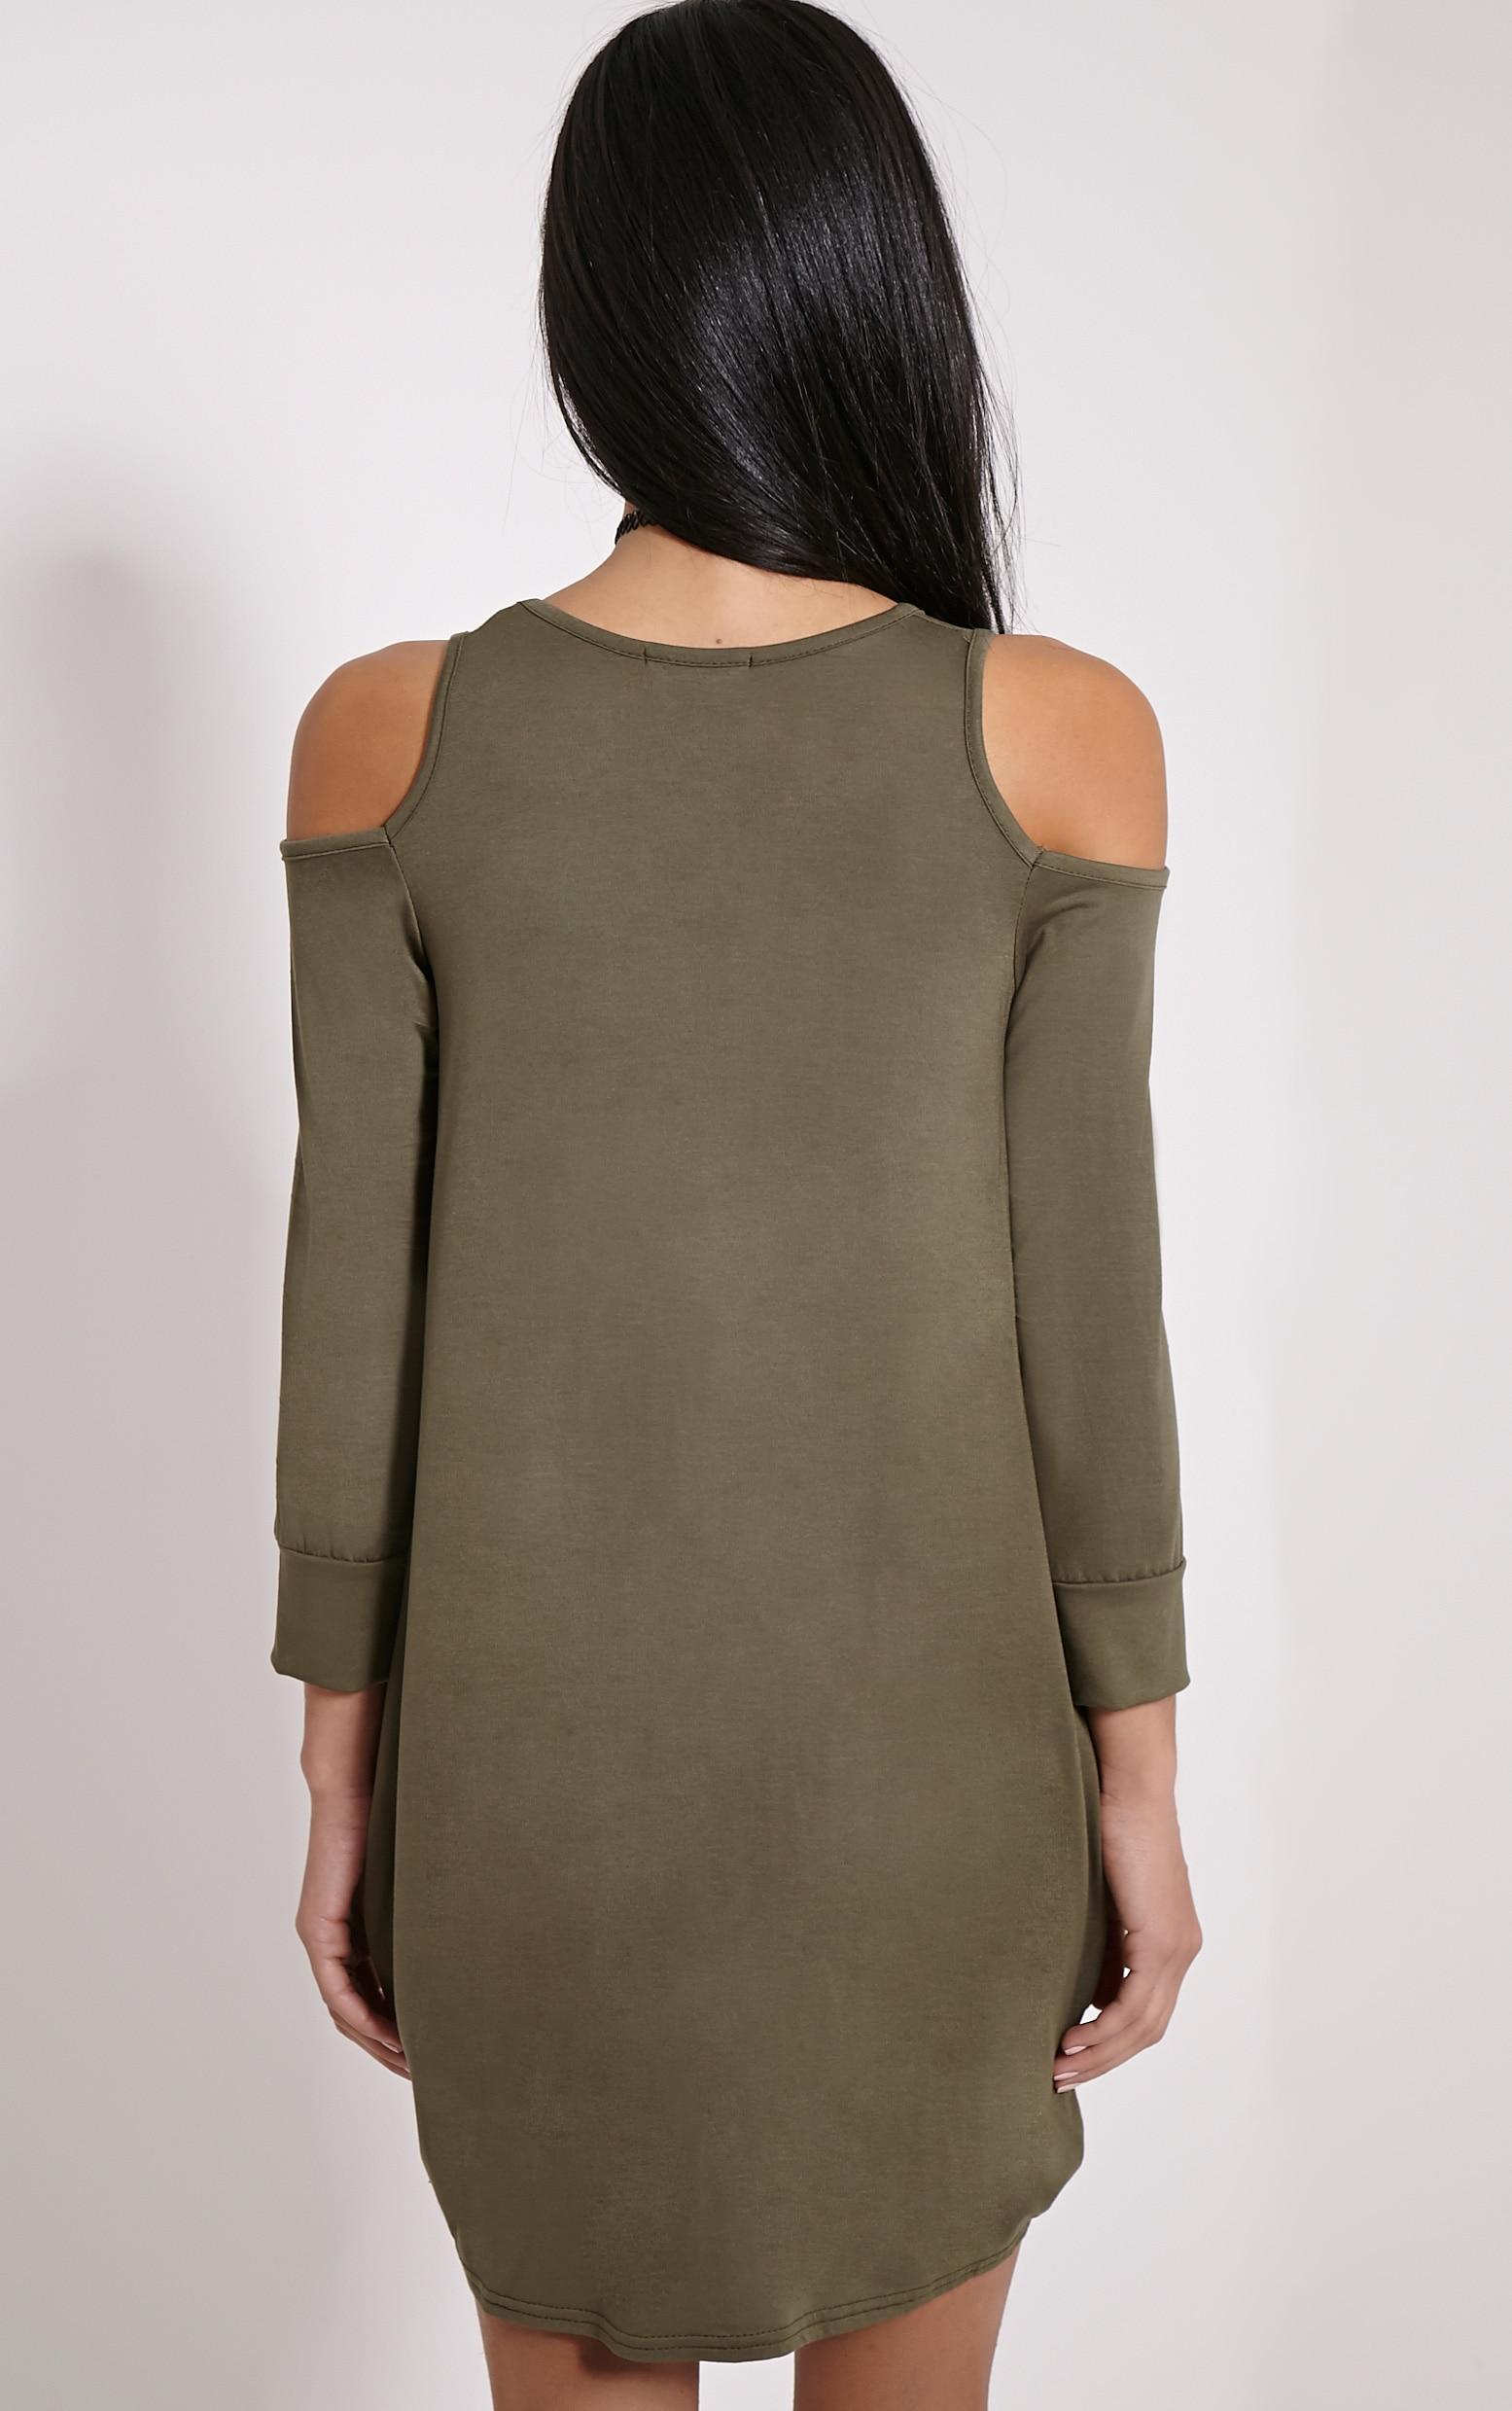 Bronywn Khaki Cut Out Shoulder Dress 2